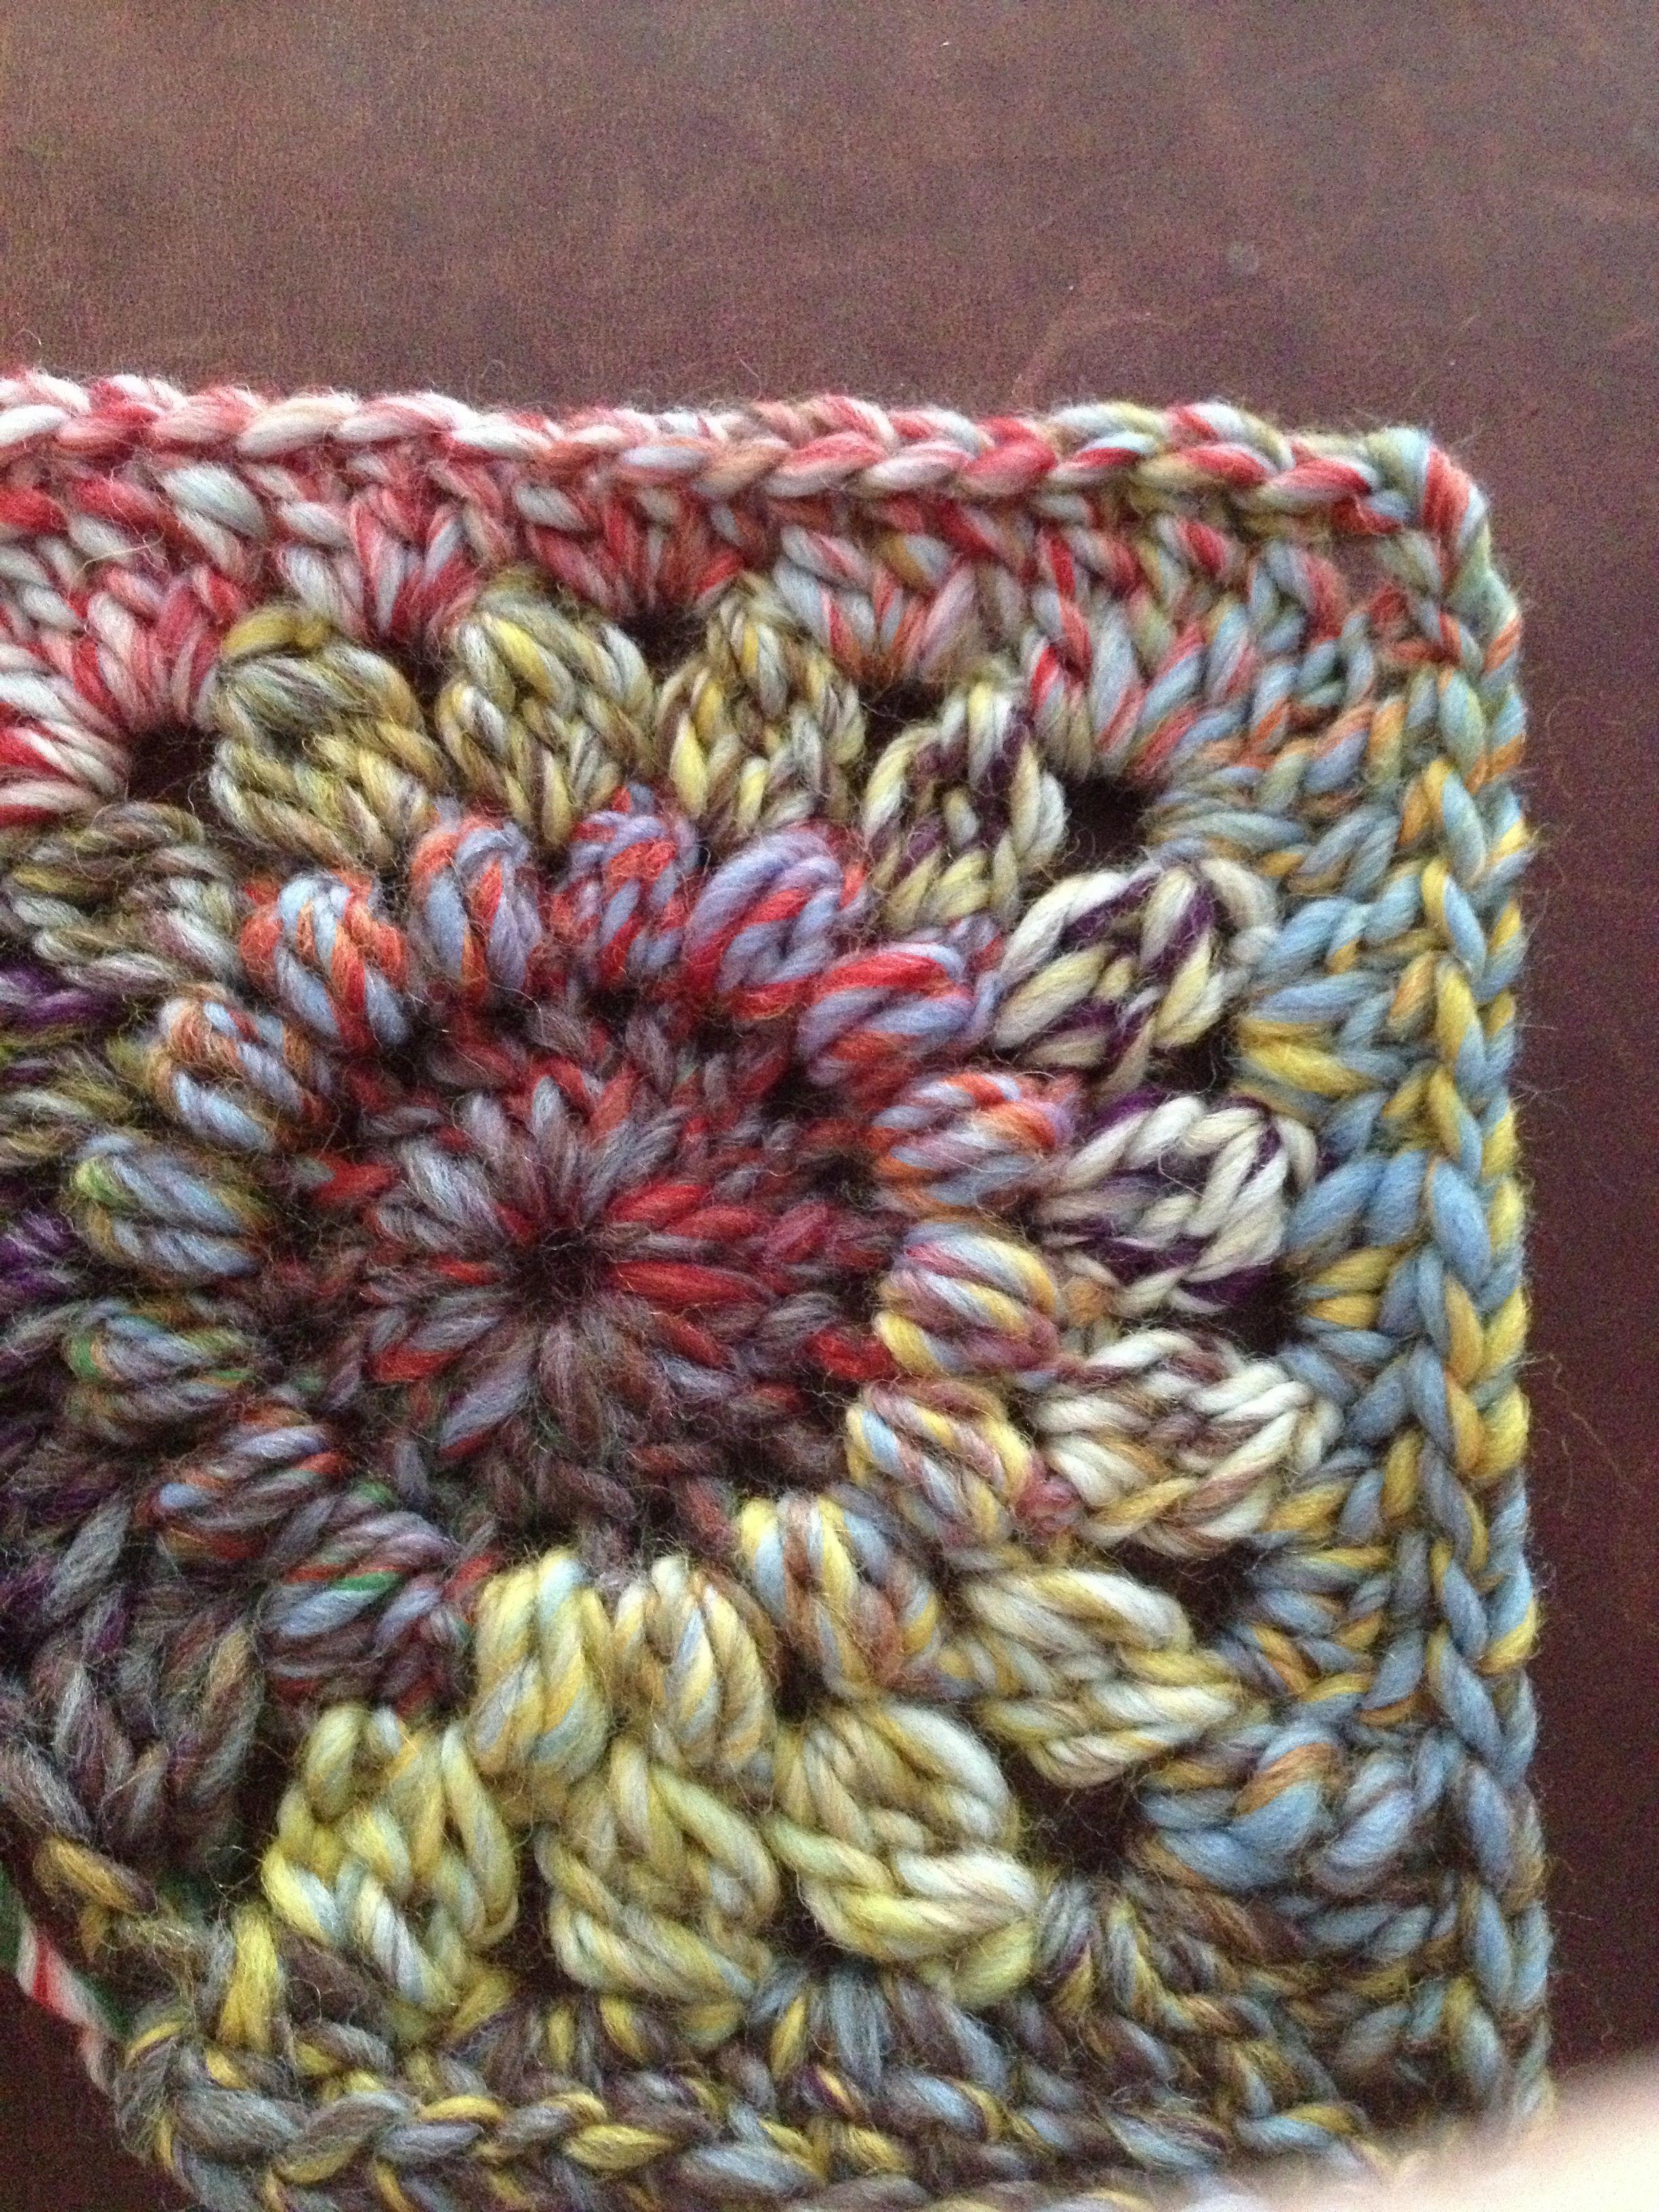 Sunburst Granny Square in Patons ColorWul